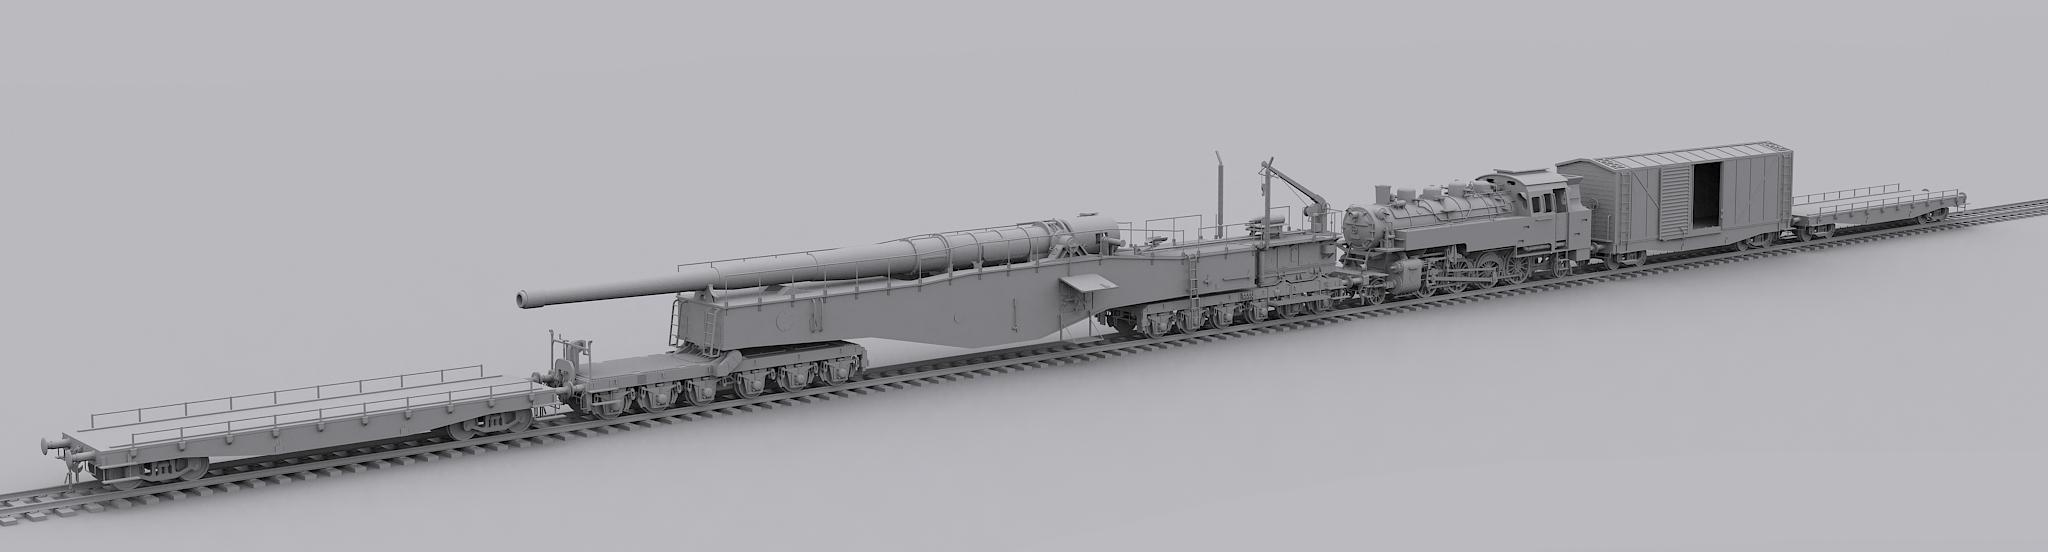 Railway Gun wip A by ld810103